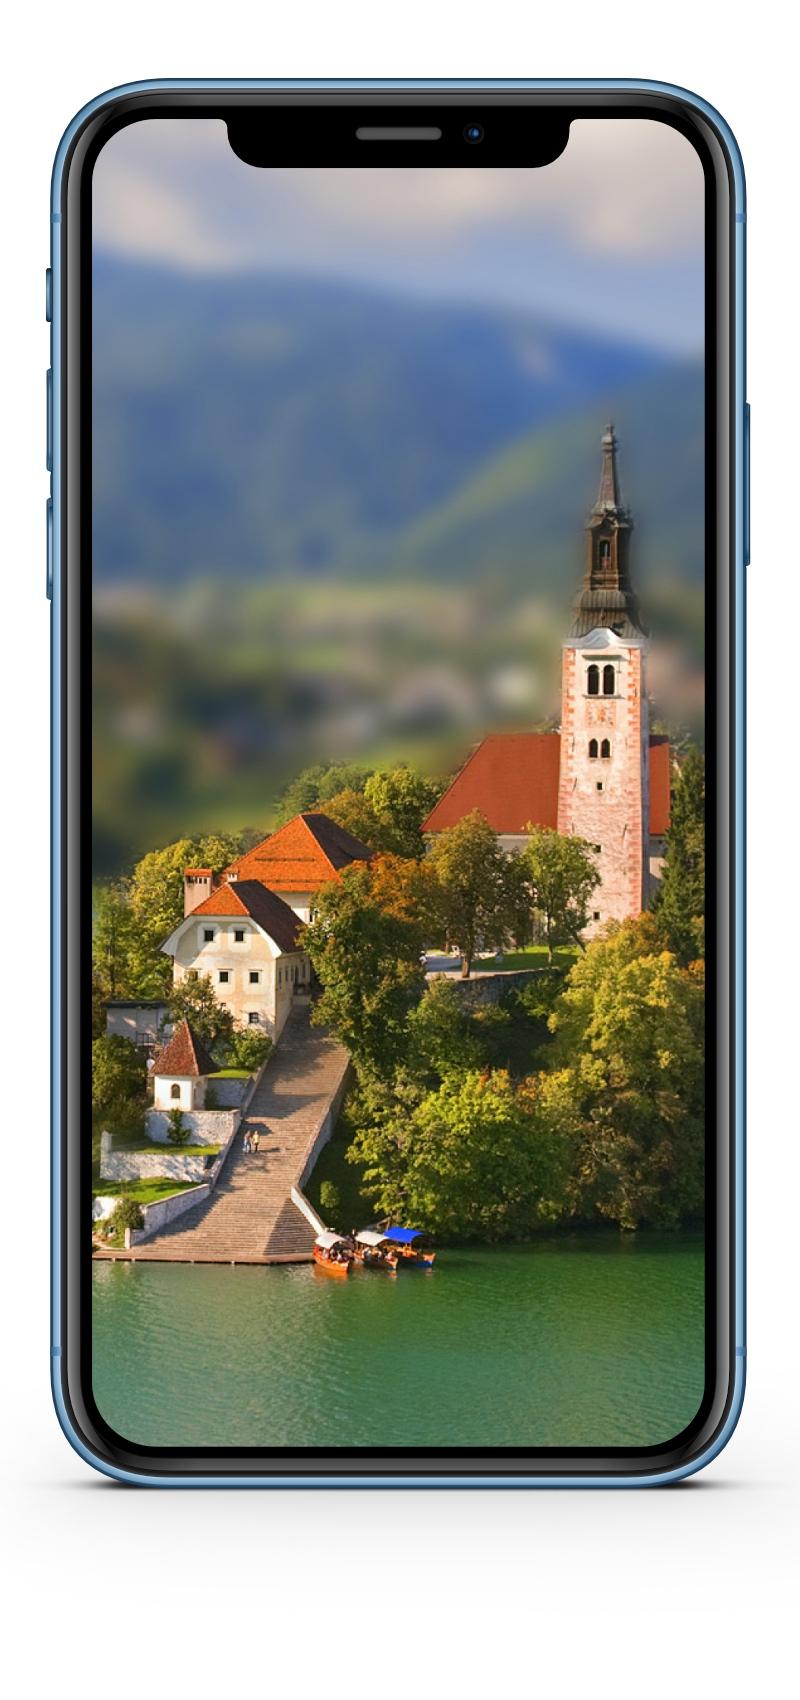 iPhone XR Wallpaper tilt shift